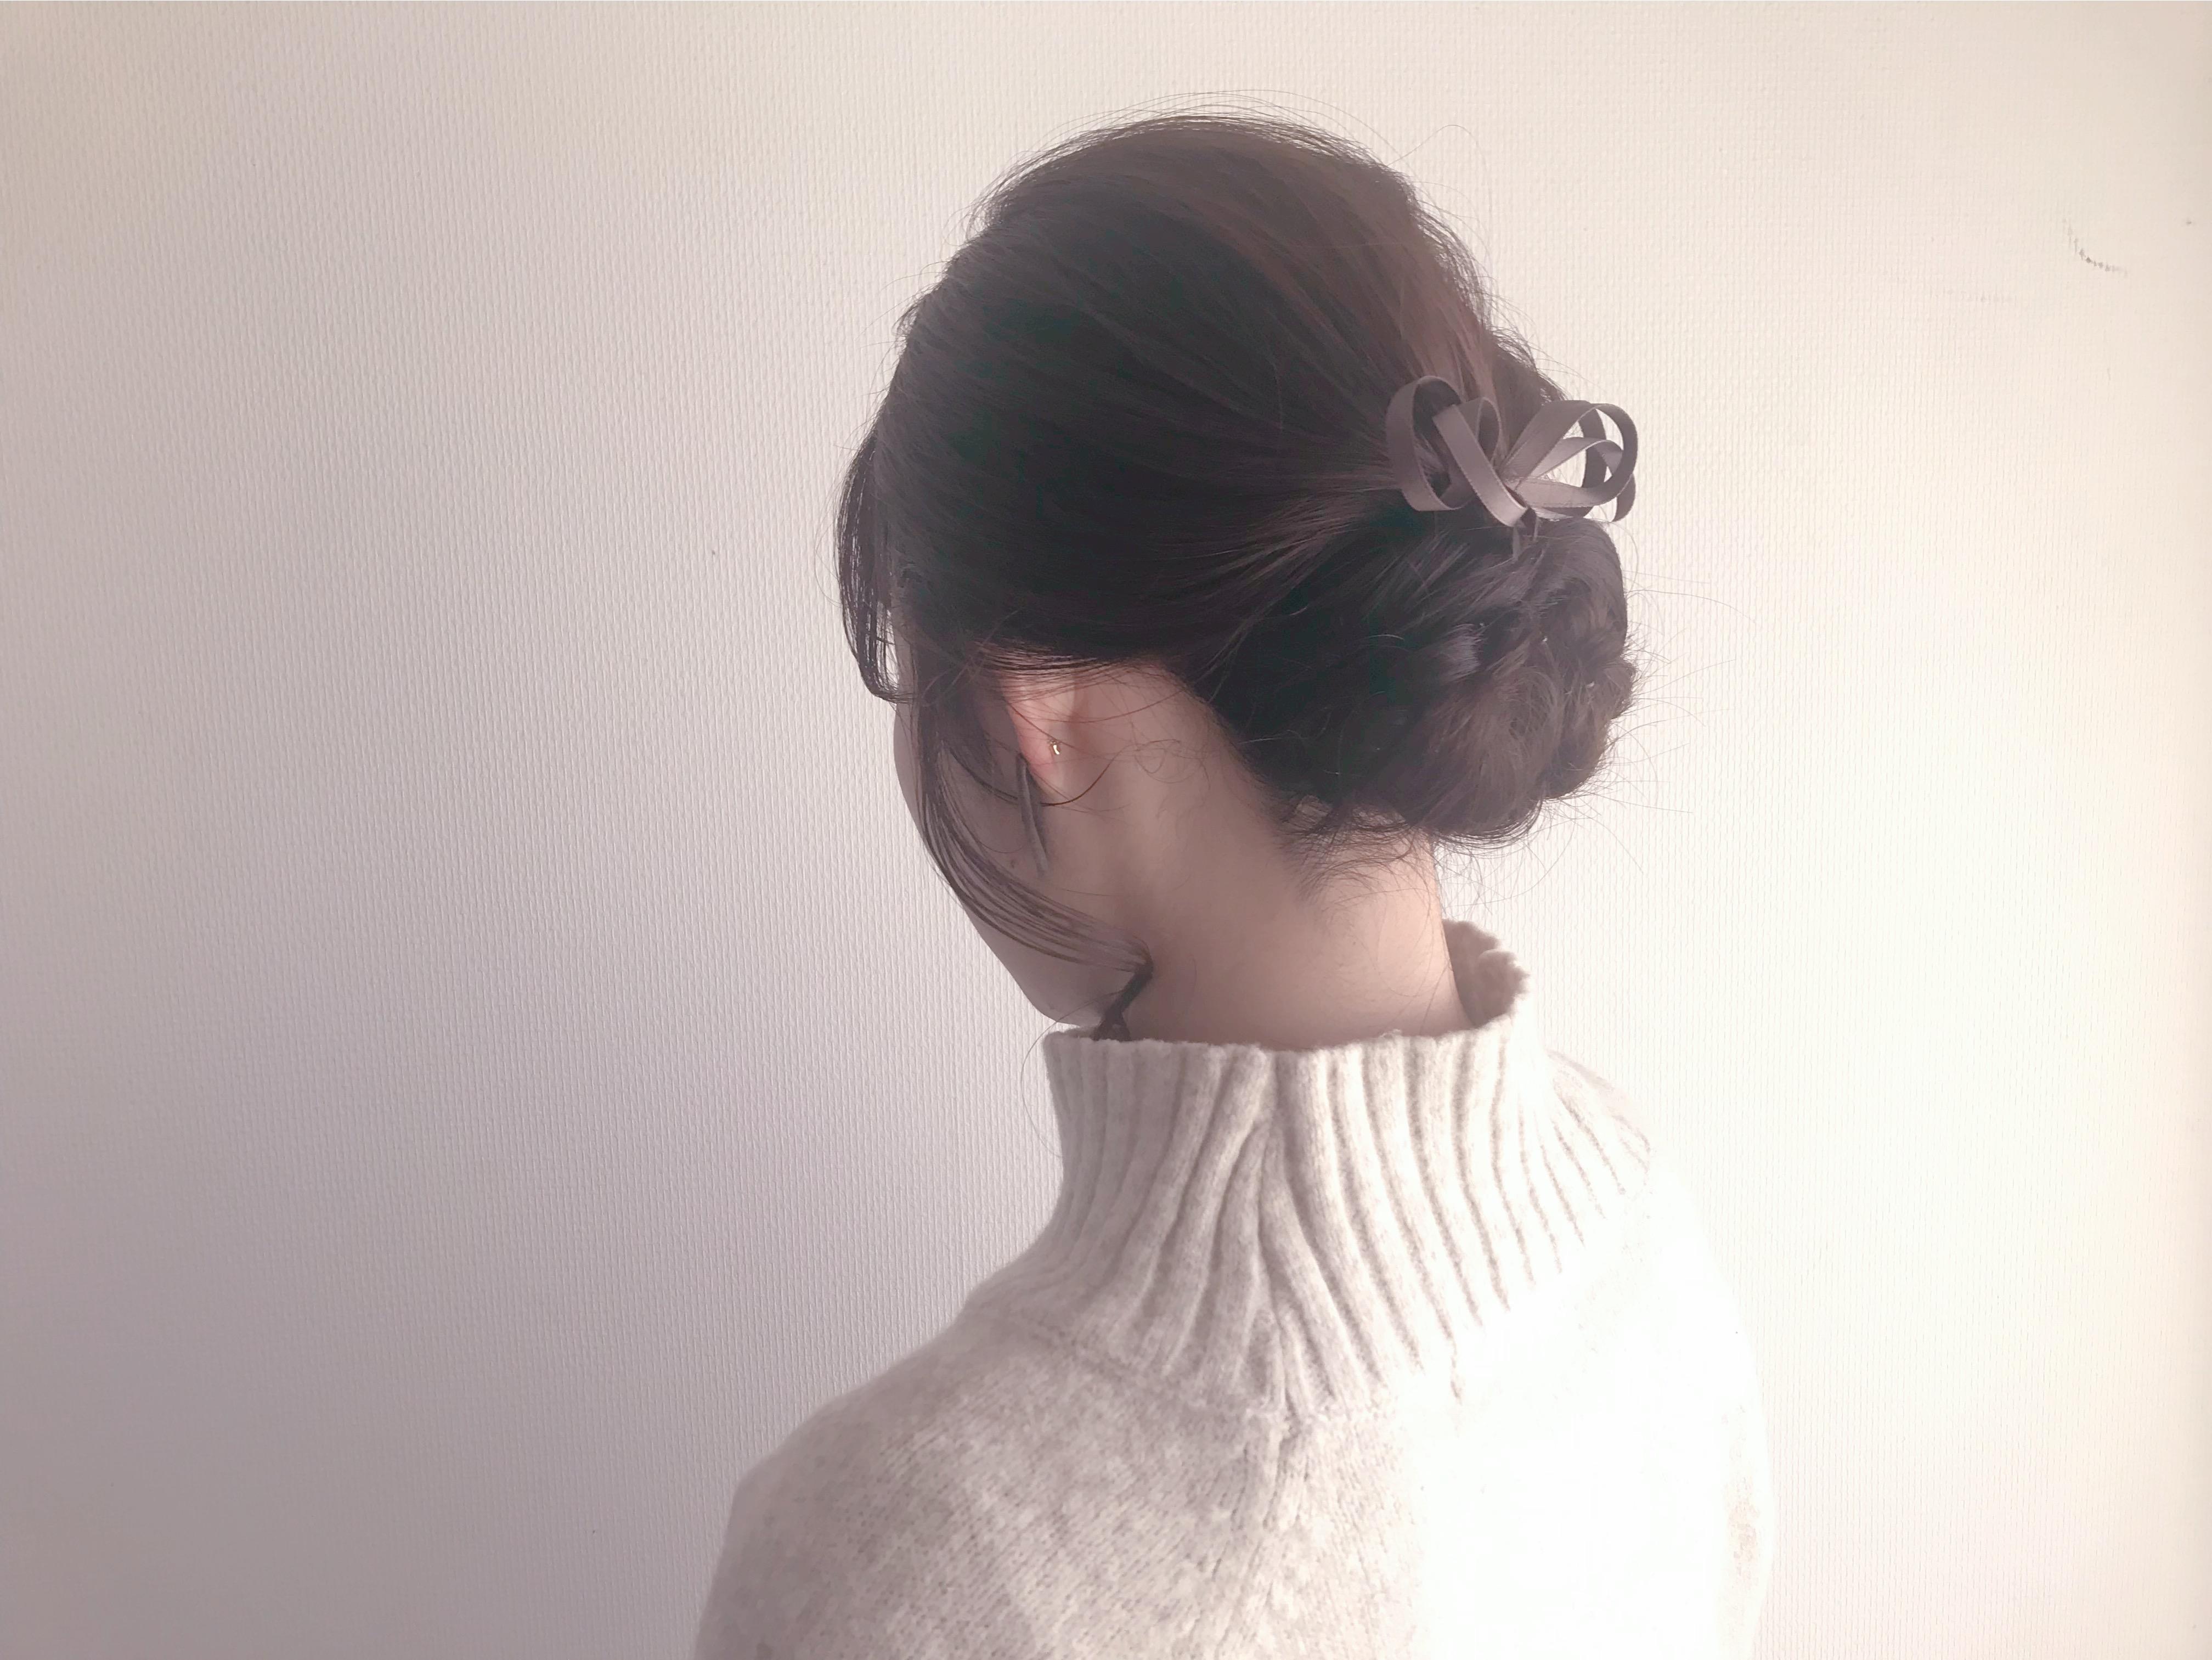 【#3coins】冬気分♡ ベロアシリーズピアスとモカ色ヘアアクセが可愛い!_1